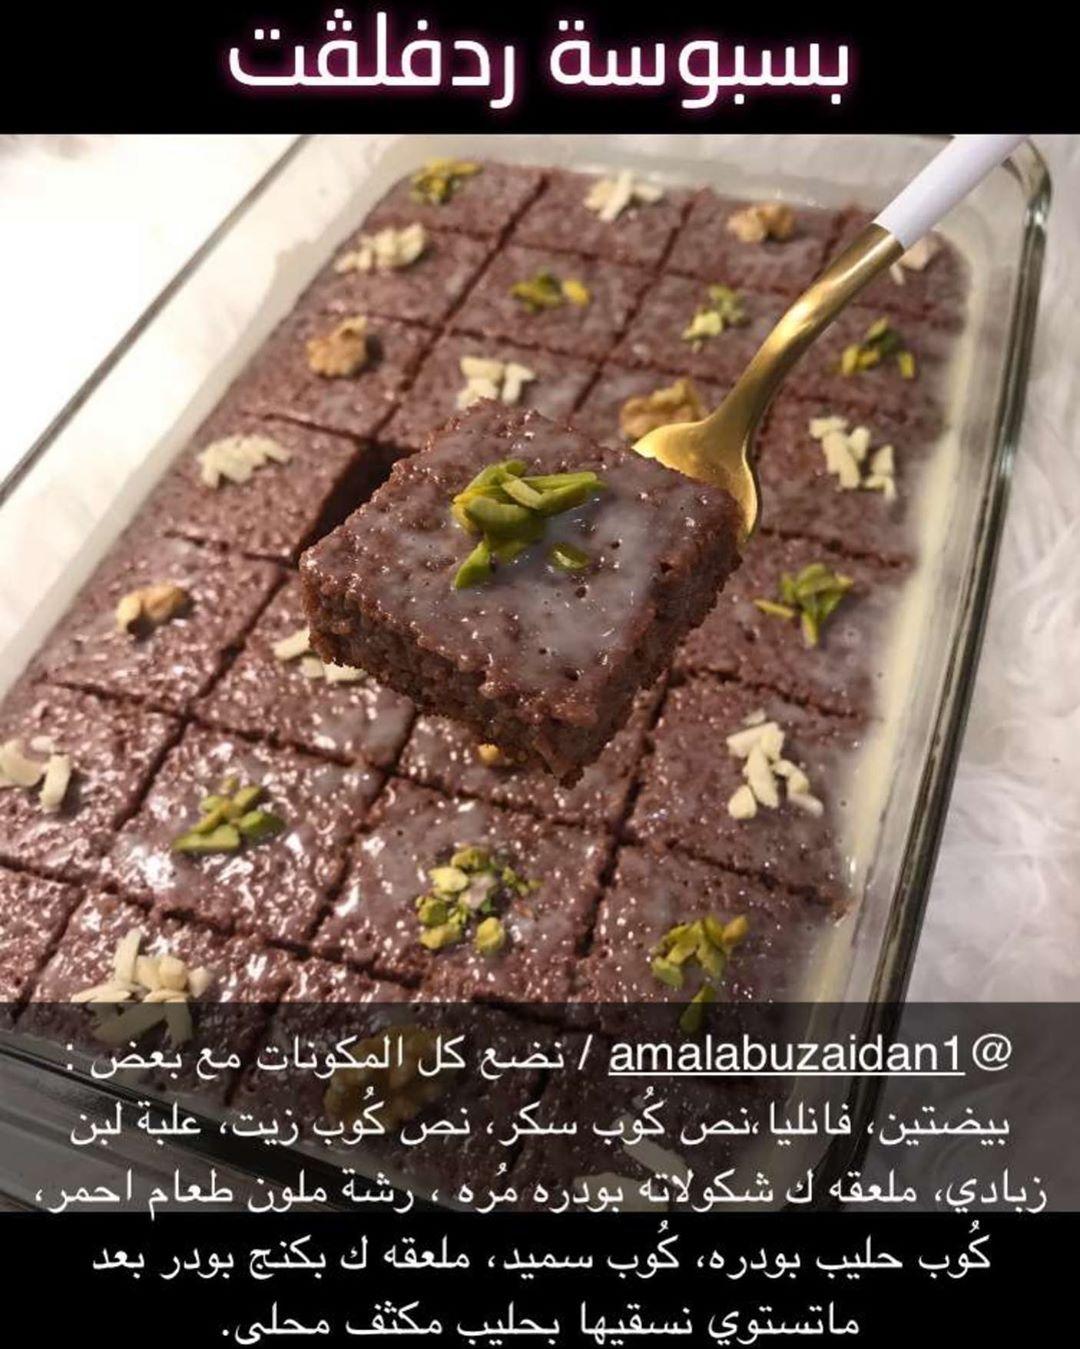 لايك وكومنت للتشجيع والاستمرار كابتشرات سنابيه الخبر السعودية افنان الباتل نجلاء عبدالعزيز اكلات خفيفه عشا اكلات خفيفه Food Desserts Brownie